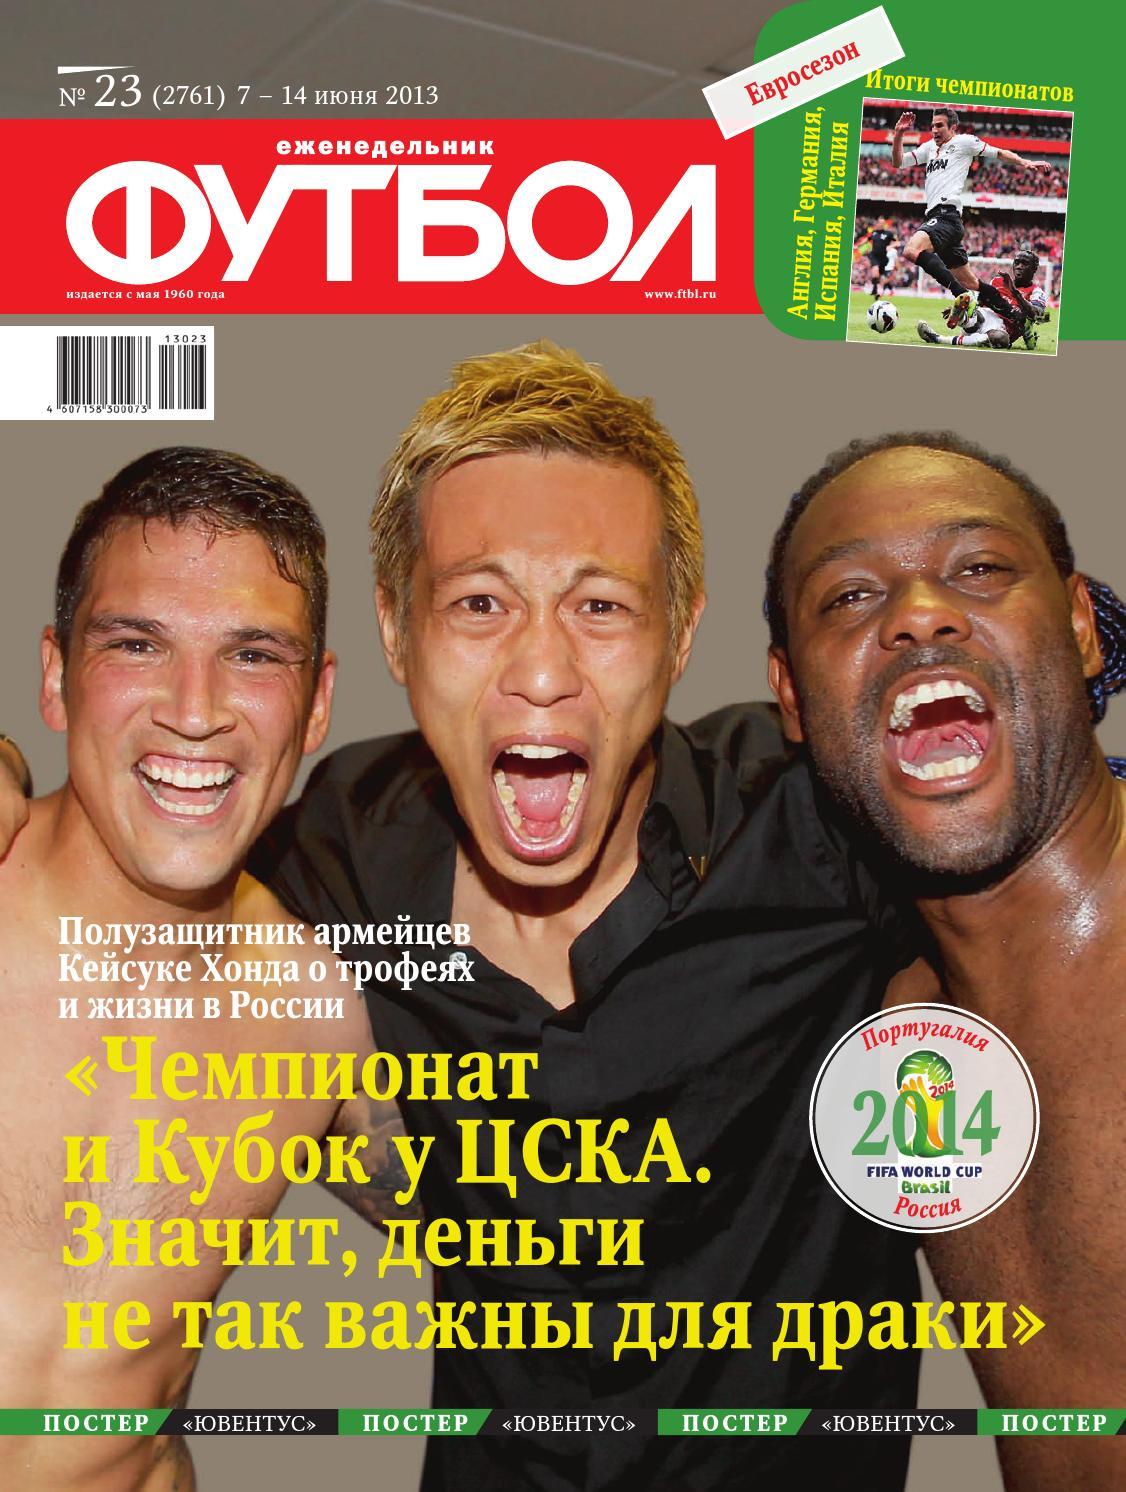 Кадры из фильма 1 канал футбол смотреть онлайн прямой эфир россия